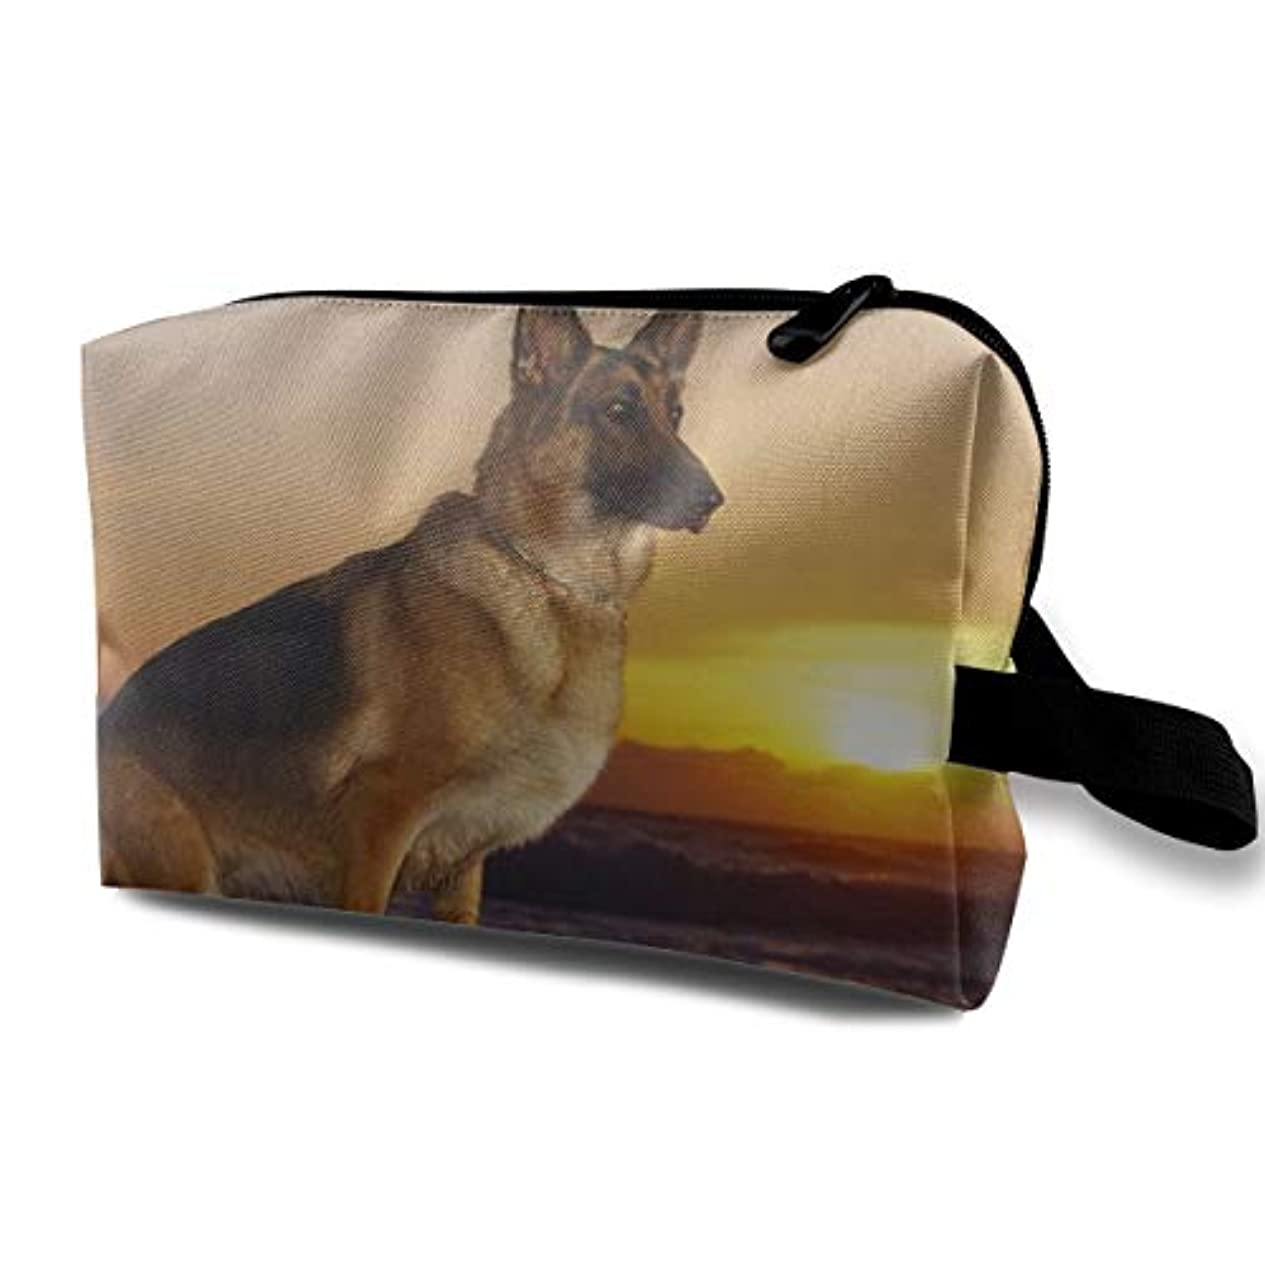 笑救出割れ目German Shepherd Dog 収納ポーチ 化粧ポーチ 大容量 軽量 耐久性 ハンドル付持ち運び便利。入れ 自宅?出張?旅行?アウトドア撮影などに対応。メンズ レディース トラベルグッズ